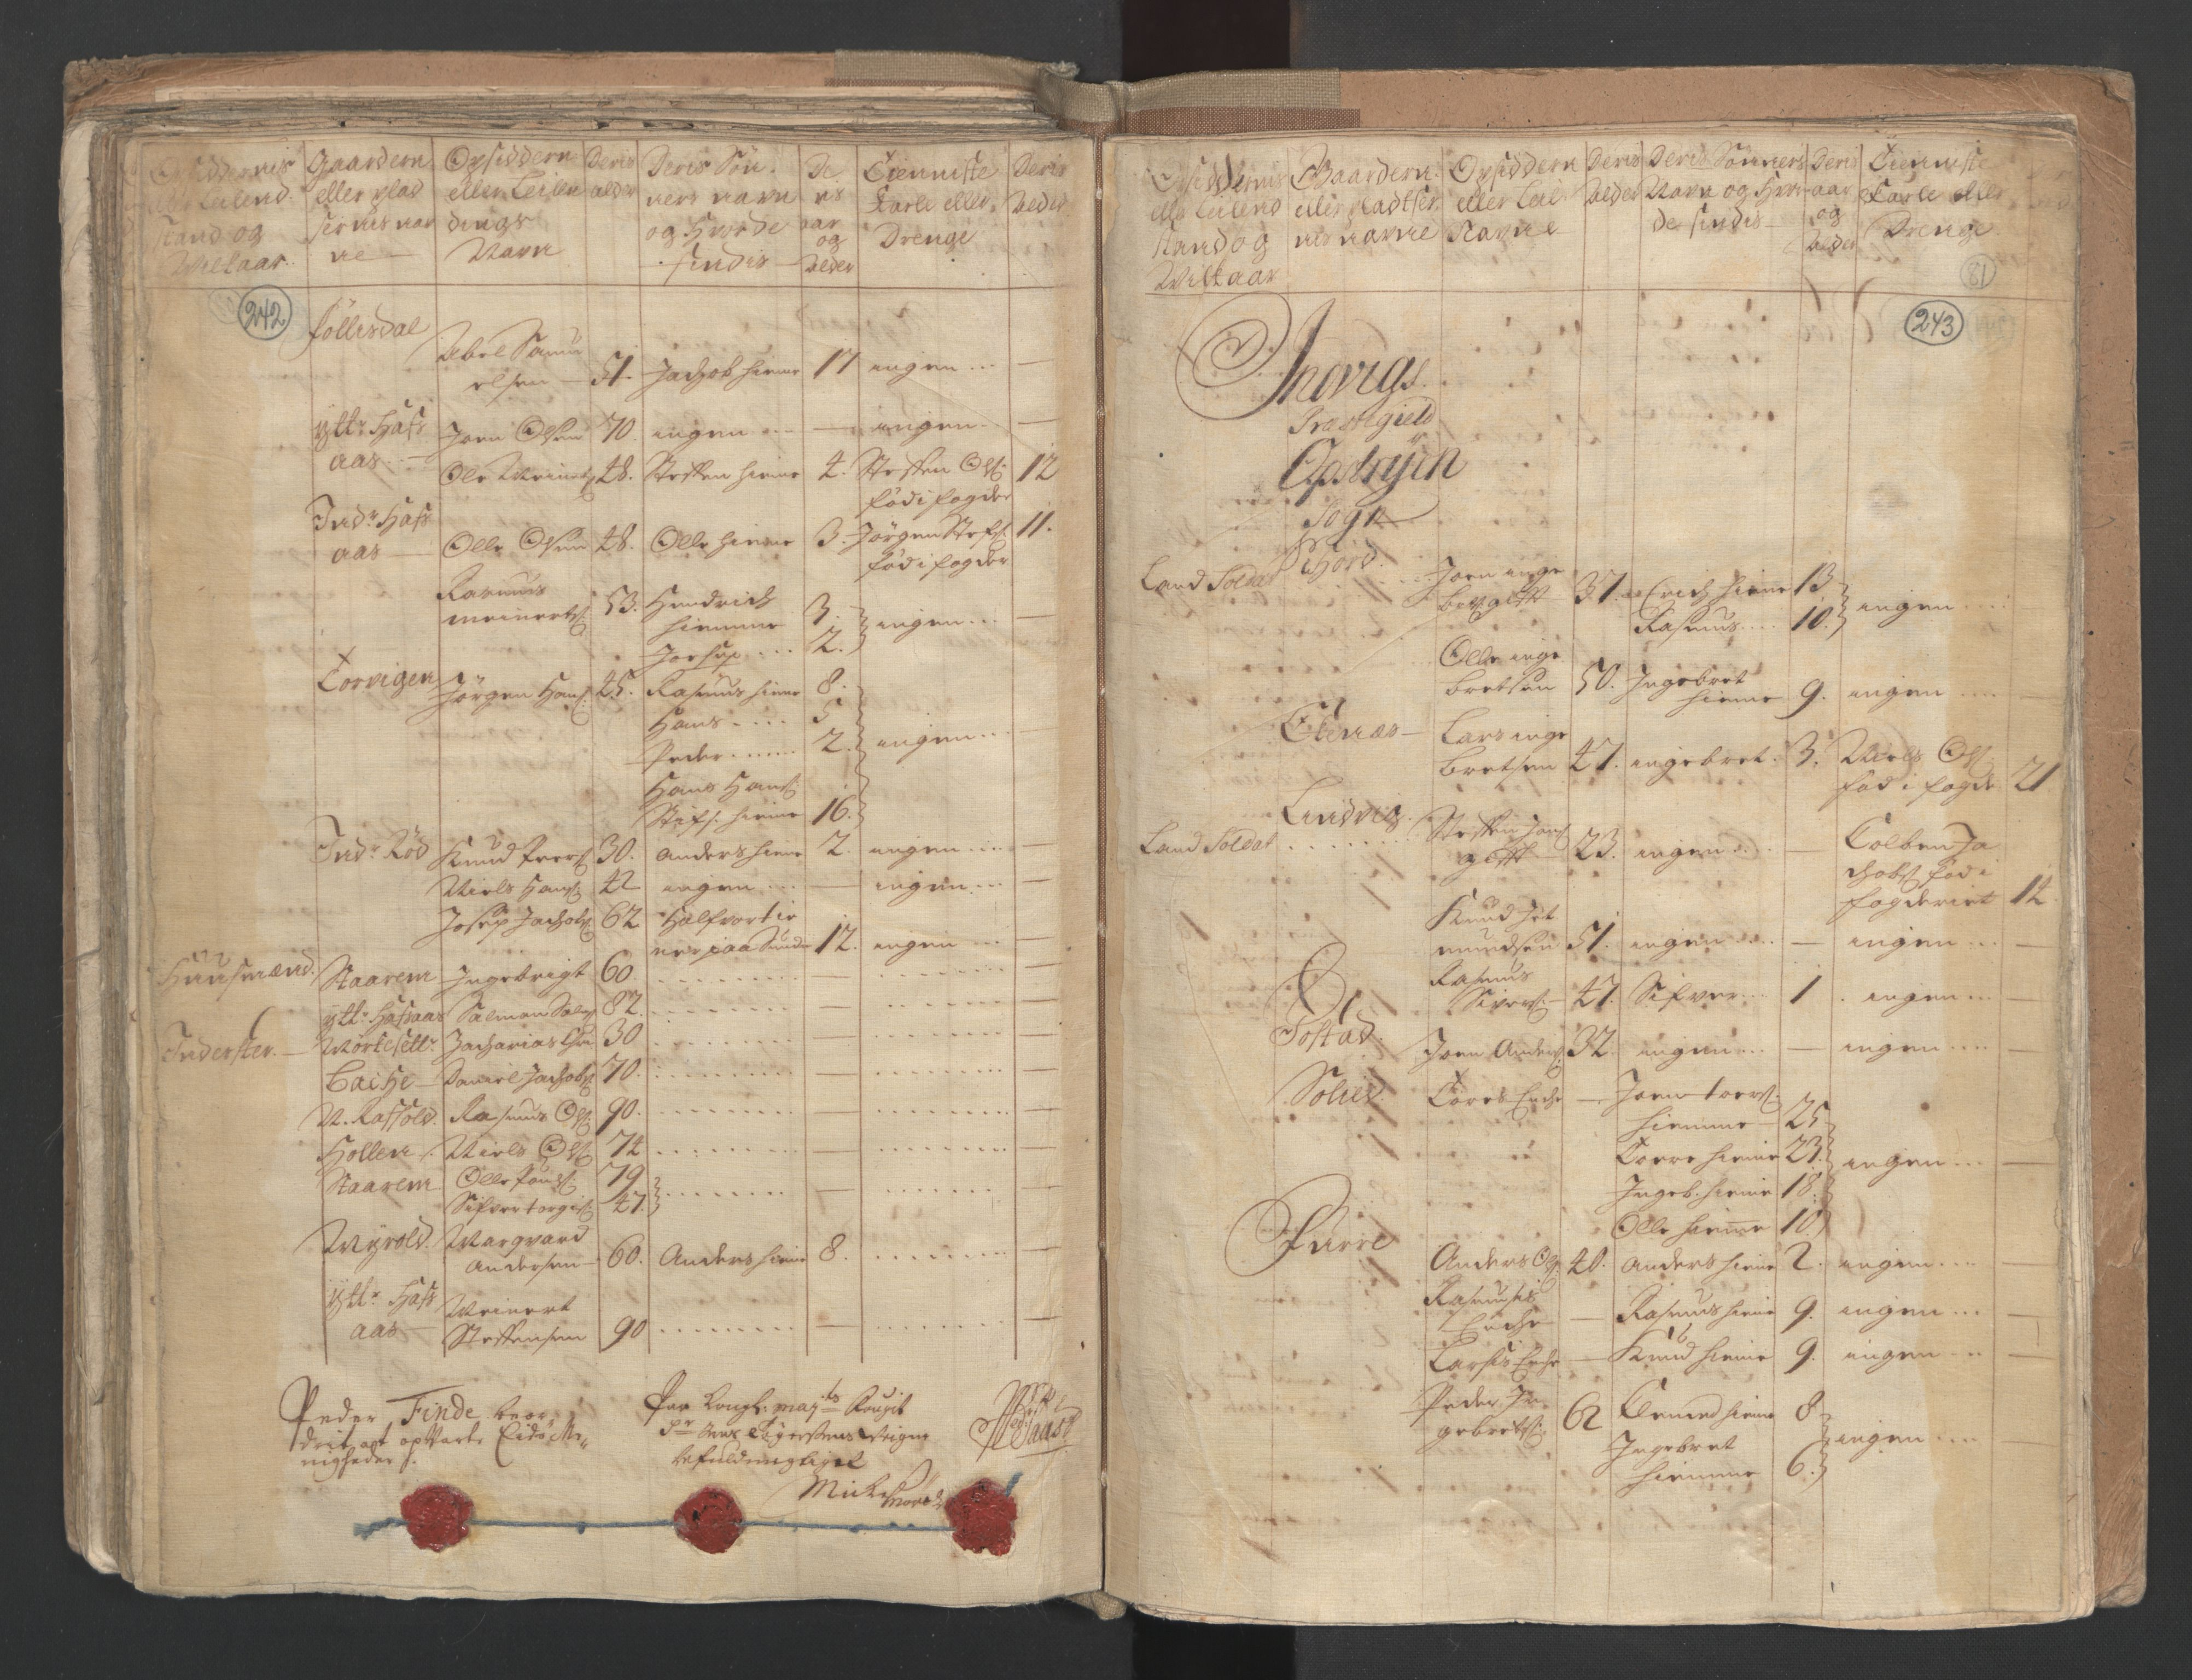 RA, Manntallet 1701, nr. 9: Sunnfjord fogderi, Nordfjord fogderi og Svanø birk, 1701, s. 242-243